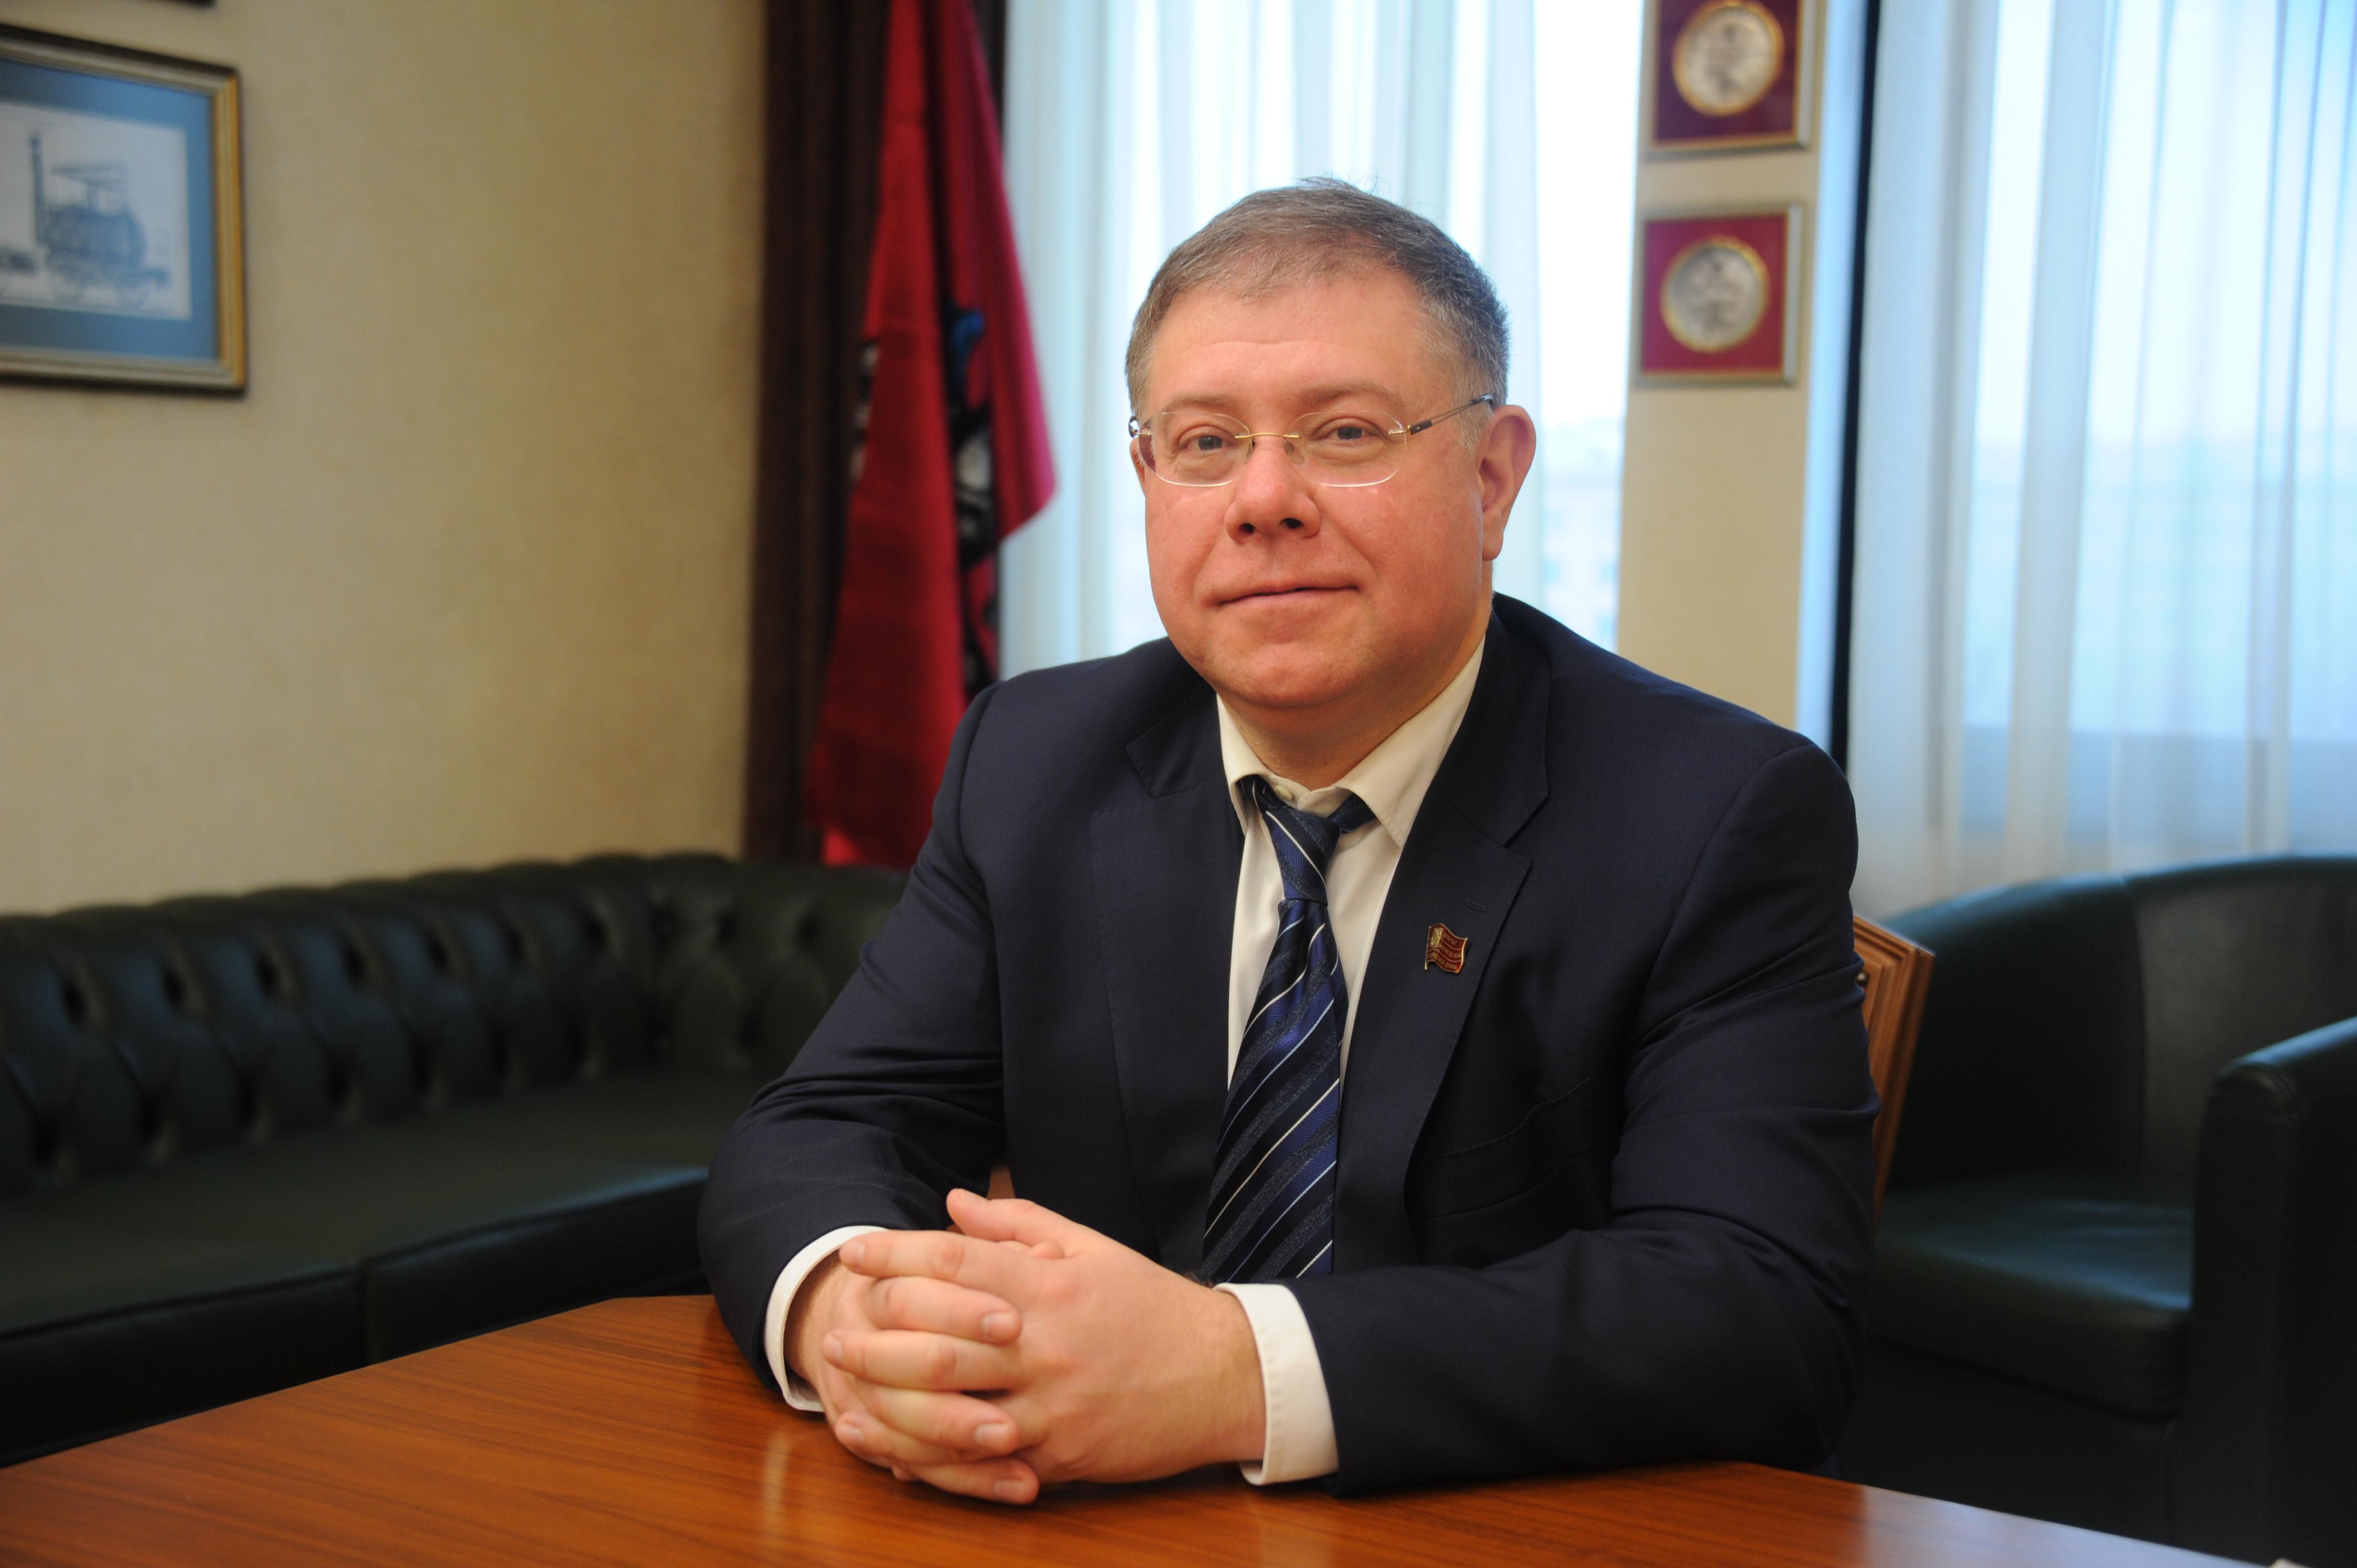 Депутат МГД Орлов: Современный мультифункциональный ФОК появится на юге столицы в 2021 году